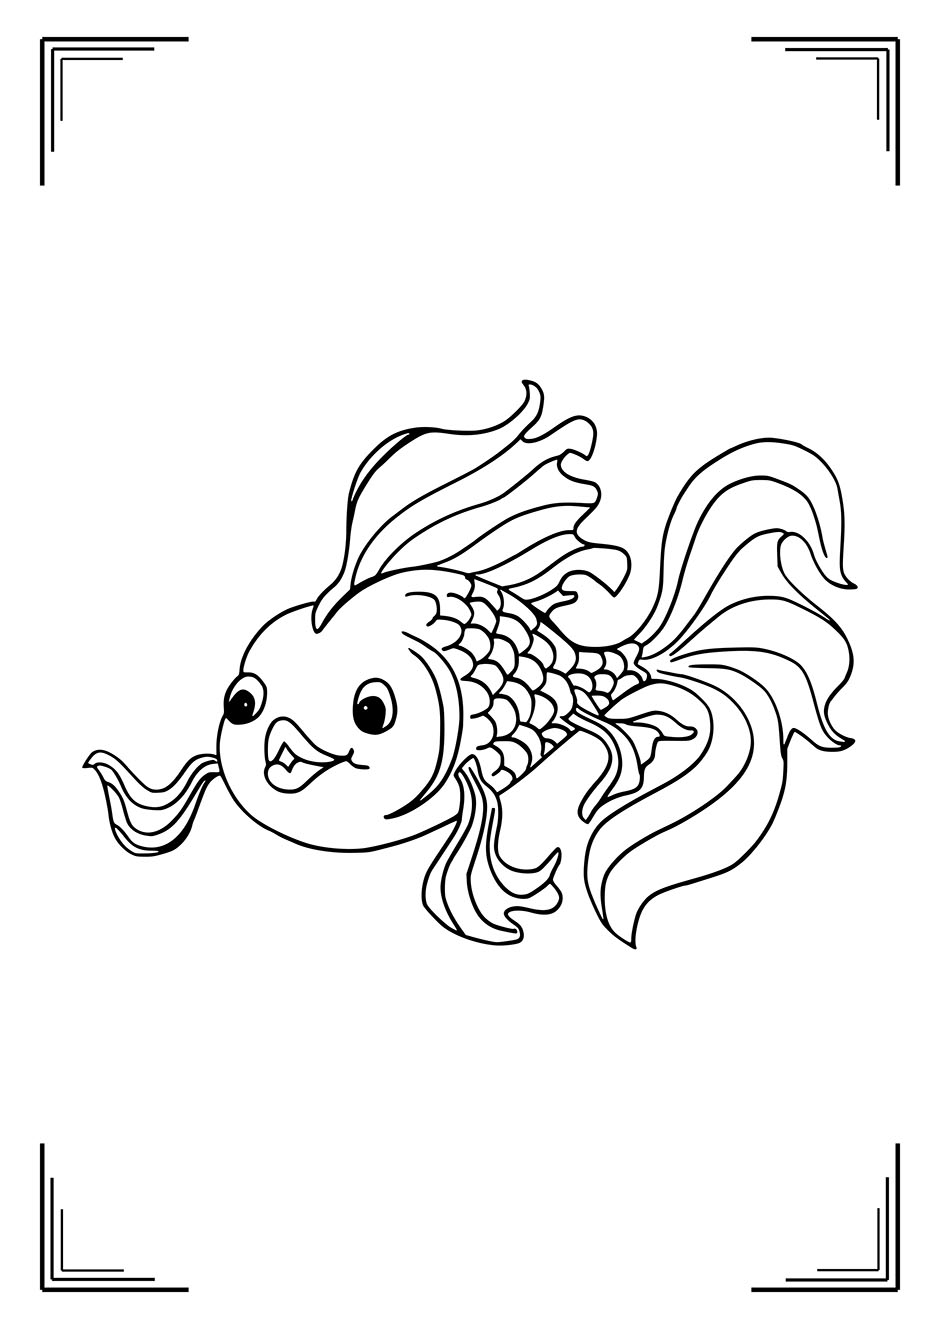 Раскраска: рыбка с большими губами — raskraski-a4.ru